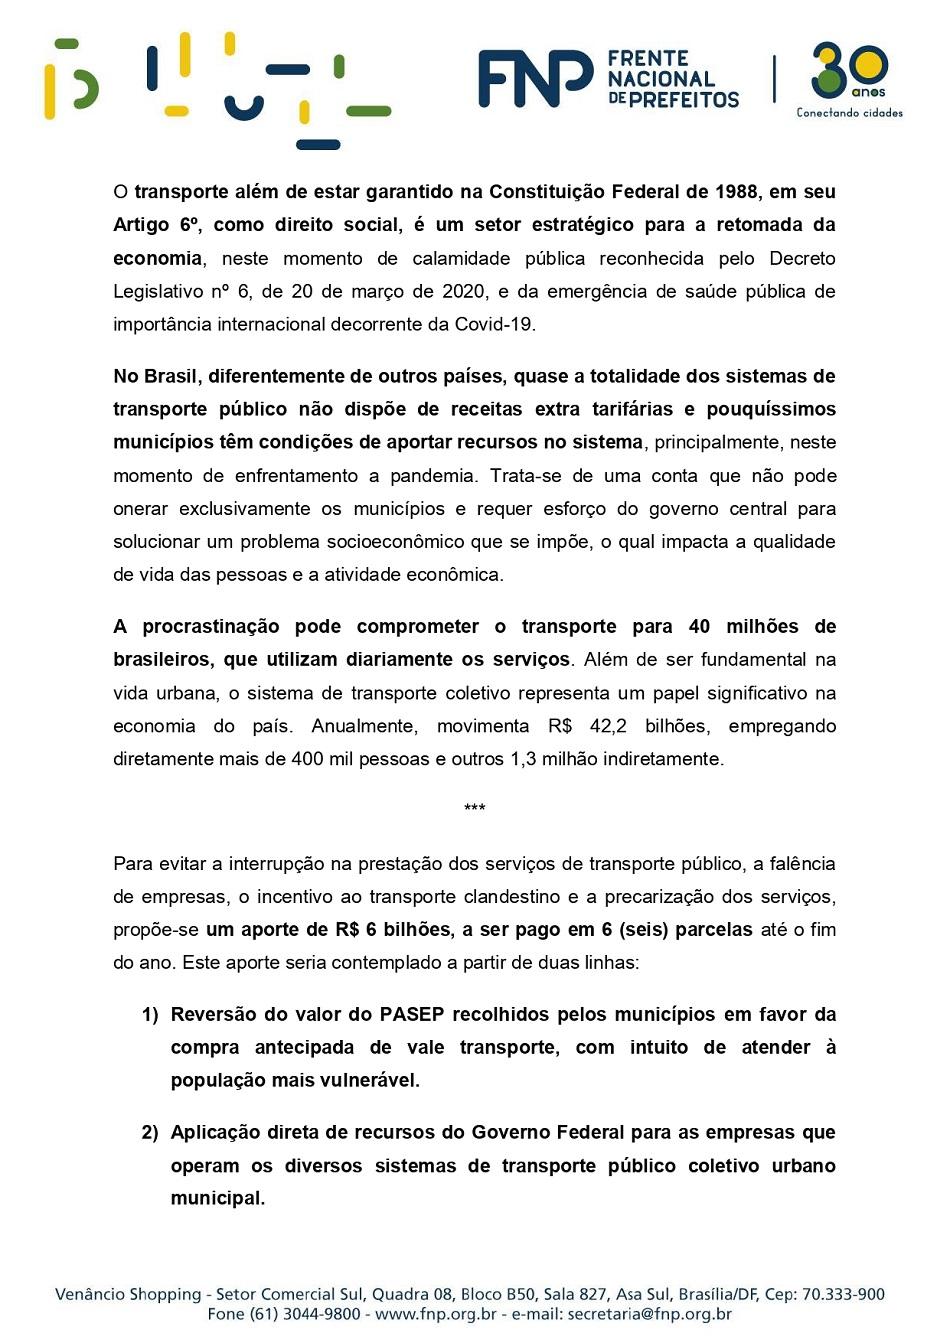 SEGURANÇA SANITÁRIA NO TRANSPORTE PÚBLICO COLETIVO URBANO - 23.06.20_page-0002